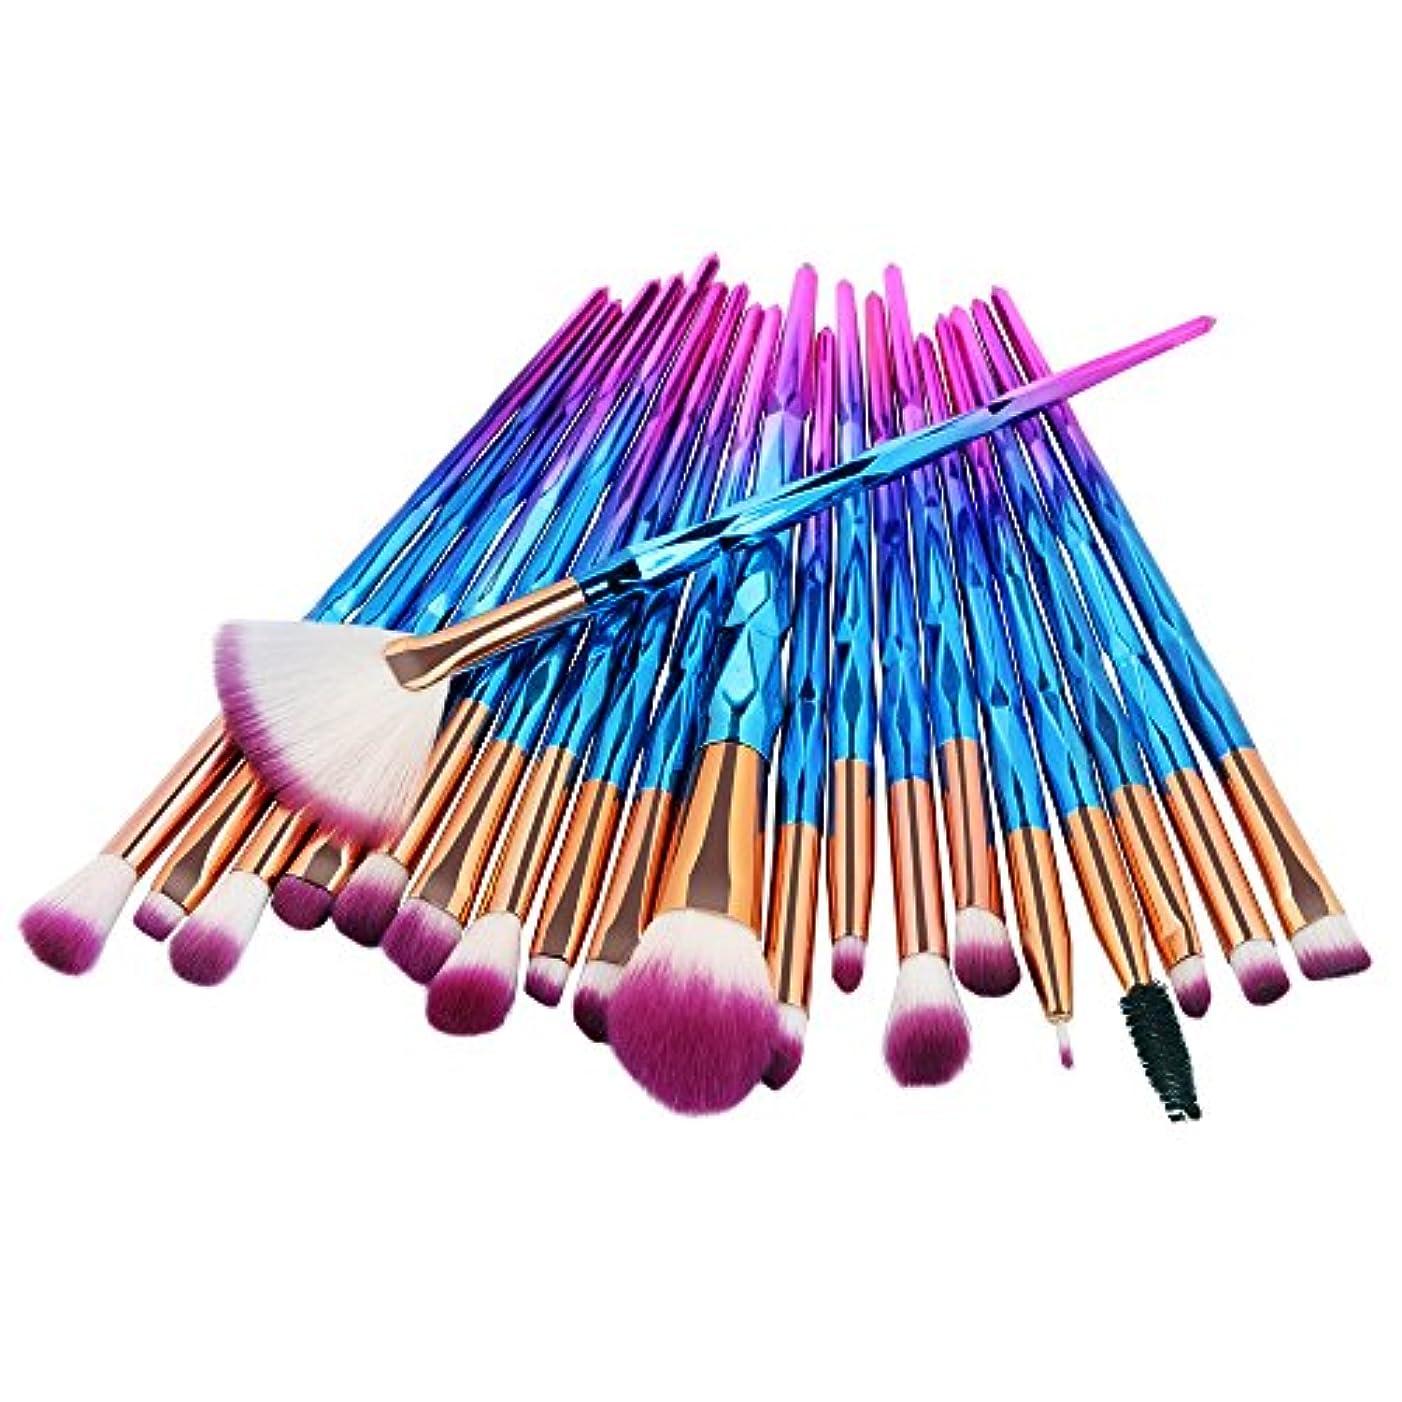 隔離すると遊ぶ平方Feteso メイクブラシ メイクブラシセット 多色 20 本セット 人気 化粧ブラシ ふわふわ 敏感肌適用 メイク道具 プレゼント アイシャドウ アイライナー Makeup Brushes Set